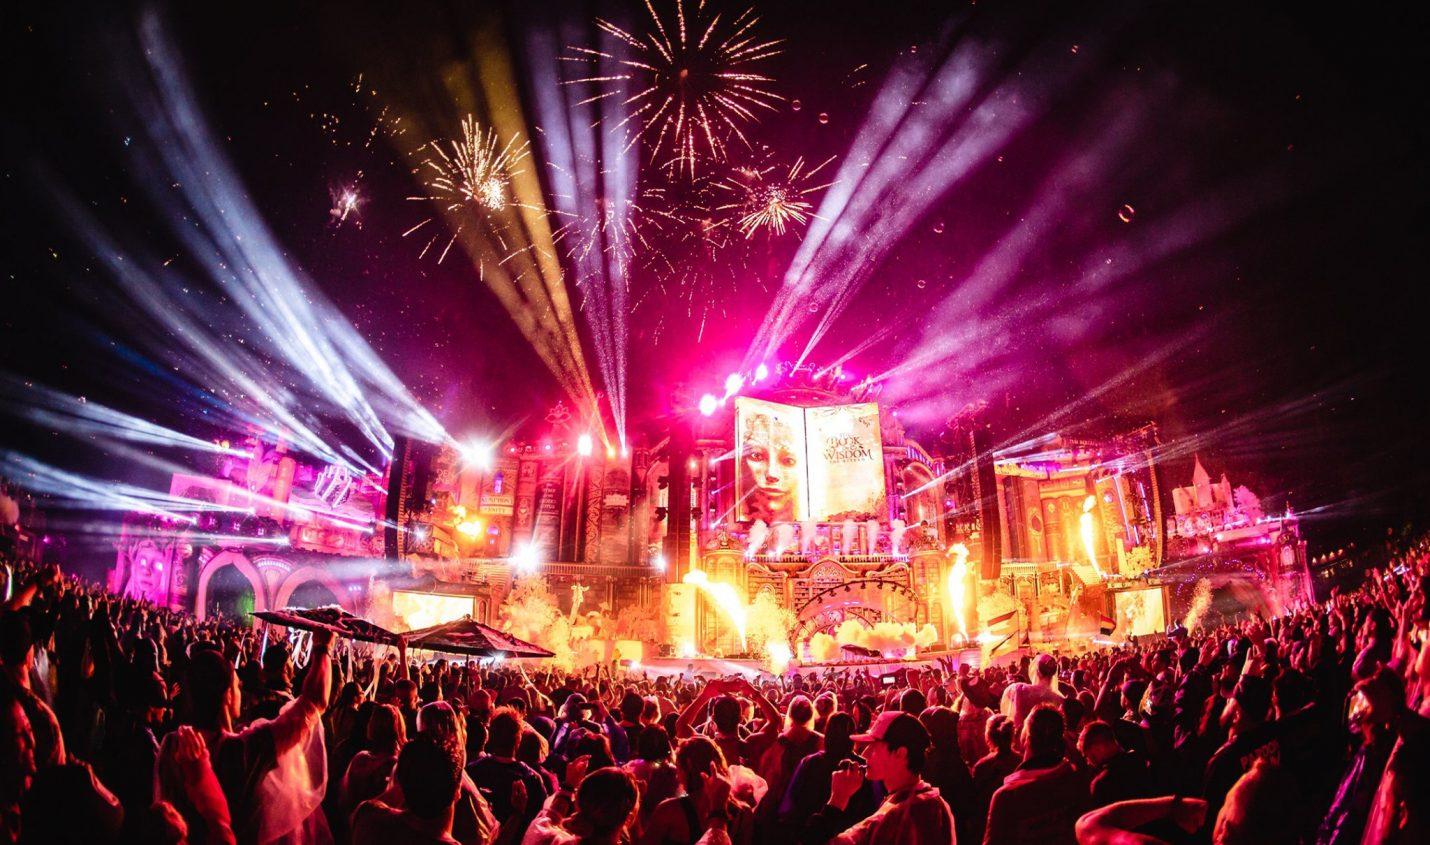 Bericht zum Tomorrowland: Festival-Angestellte verkaufen Drogen